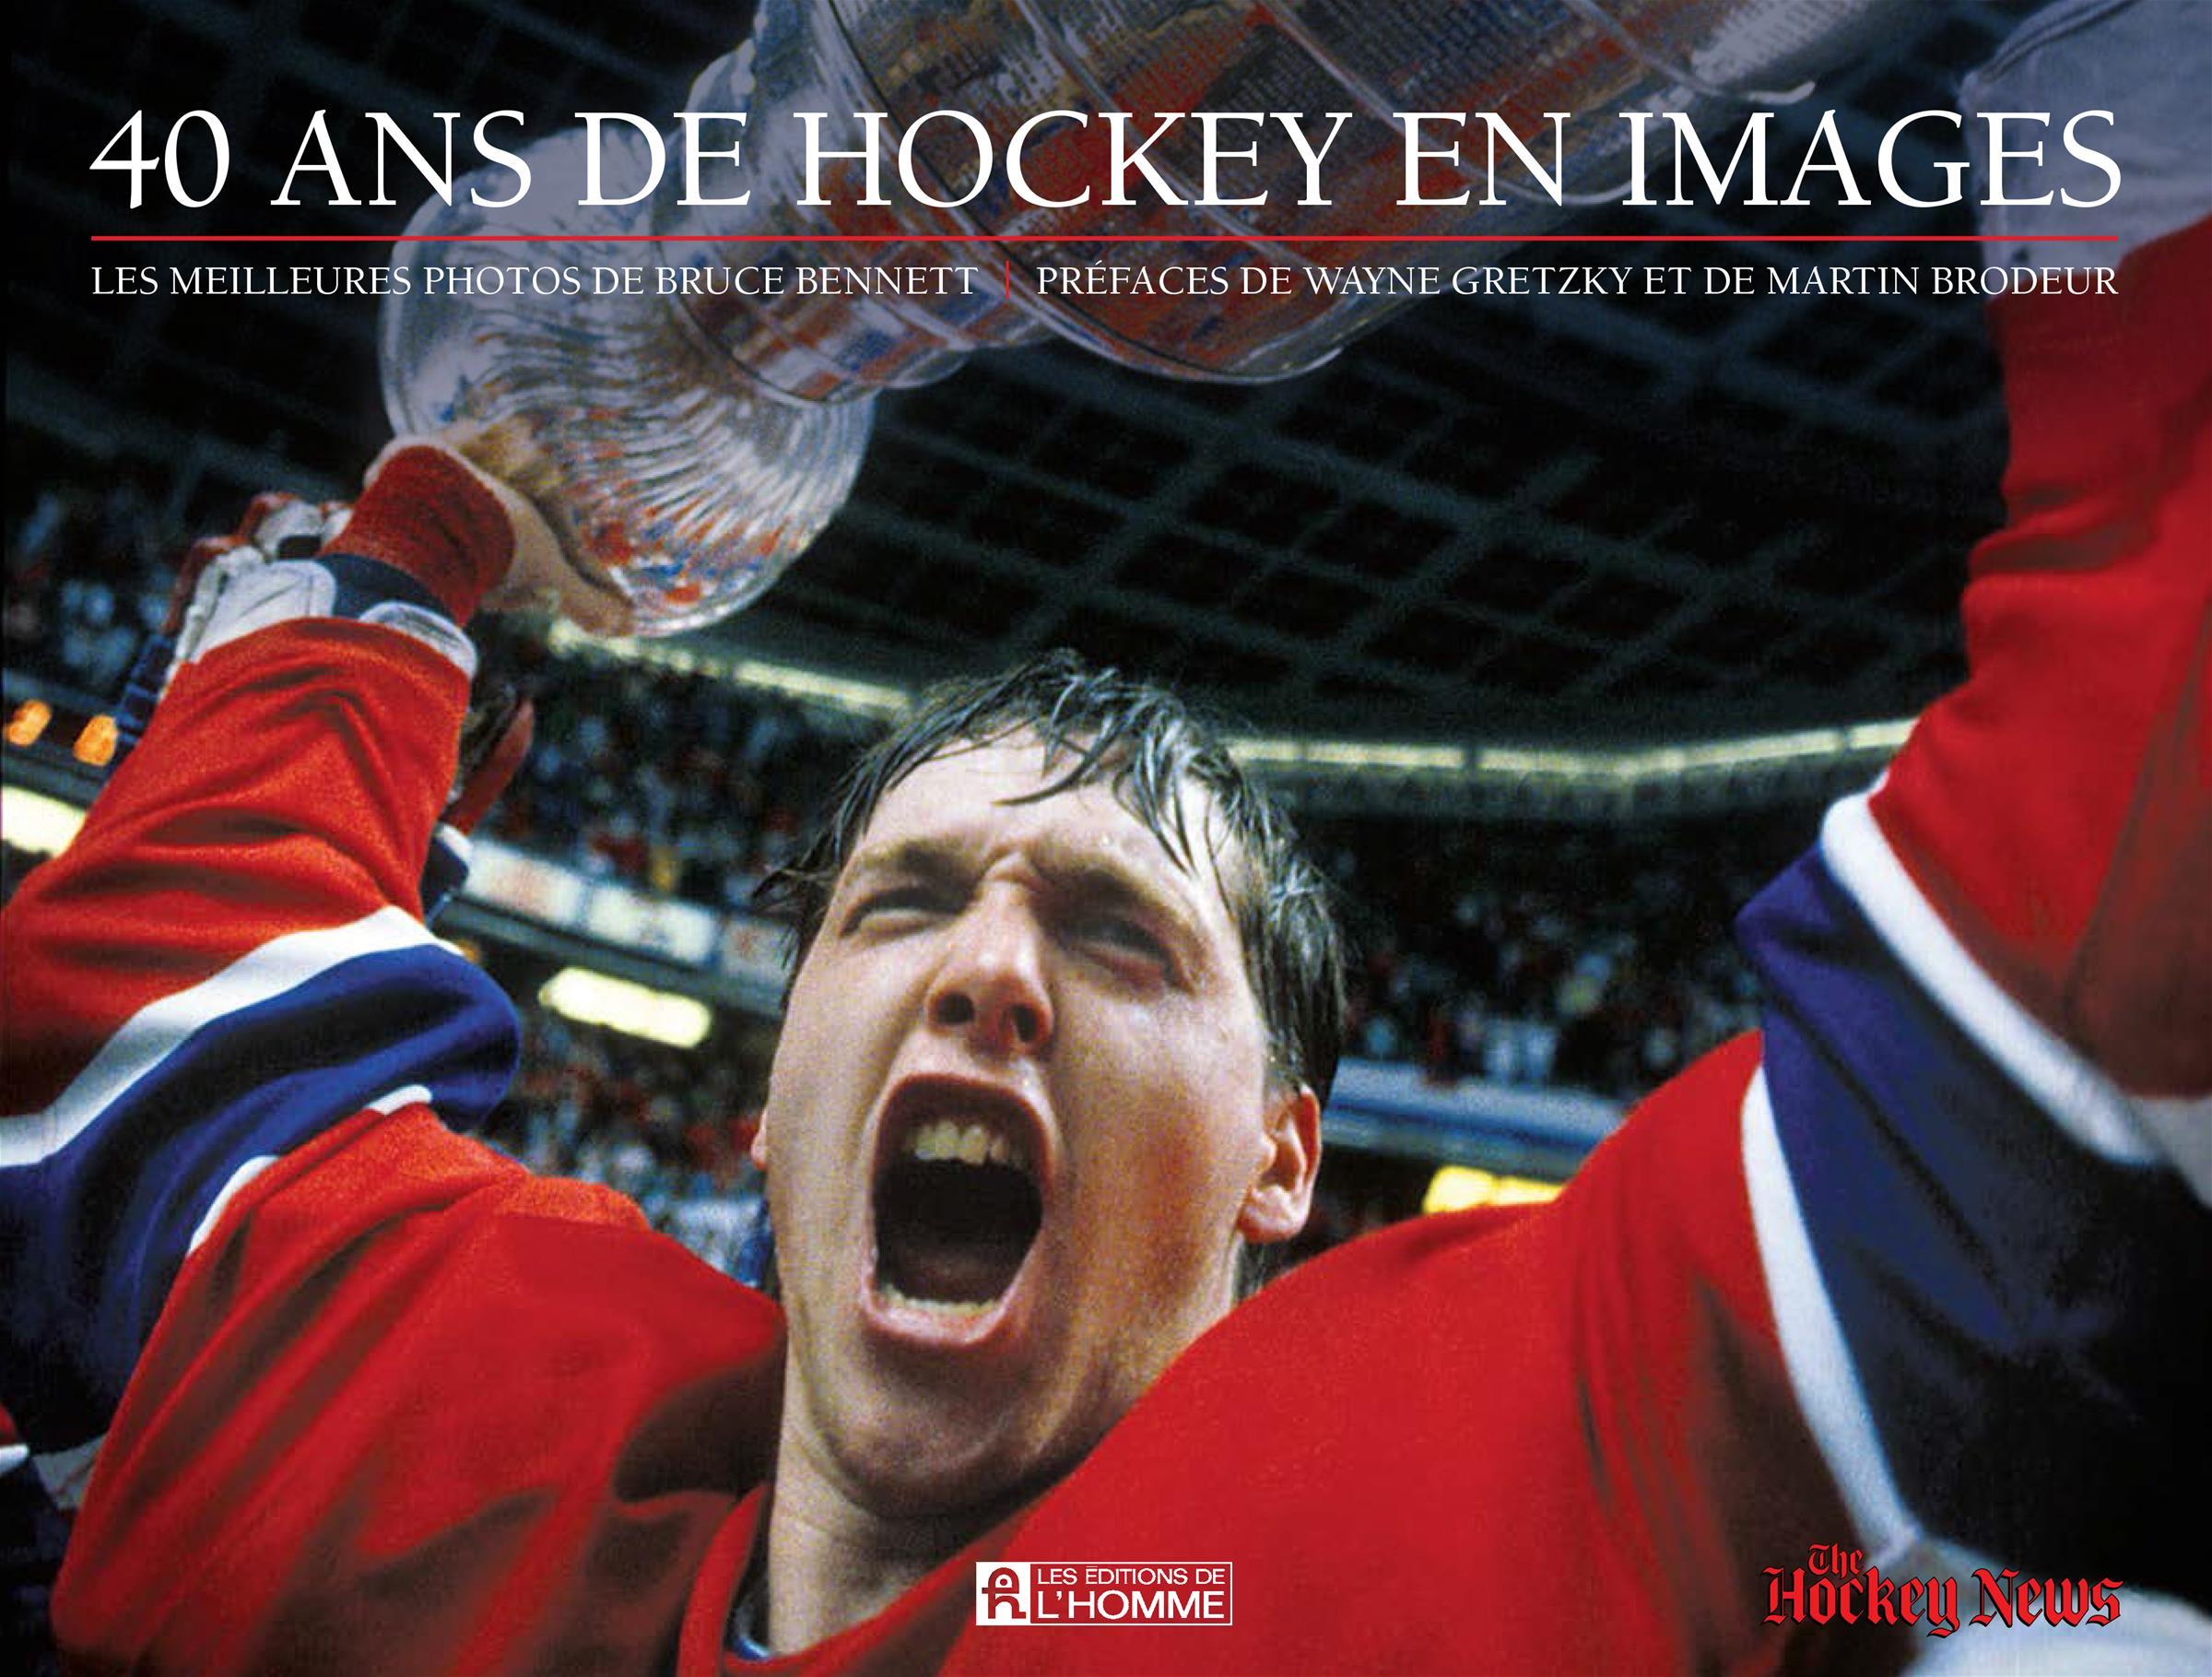 40 ans de hockey en images